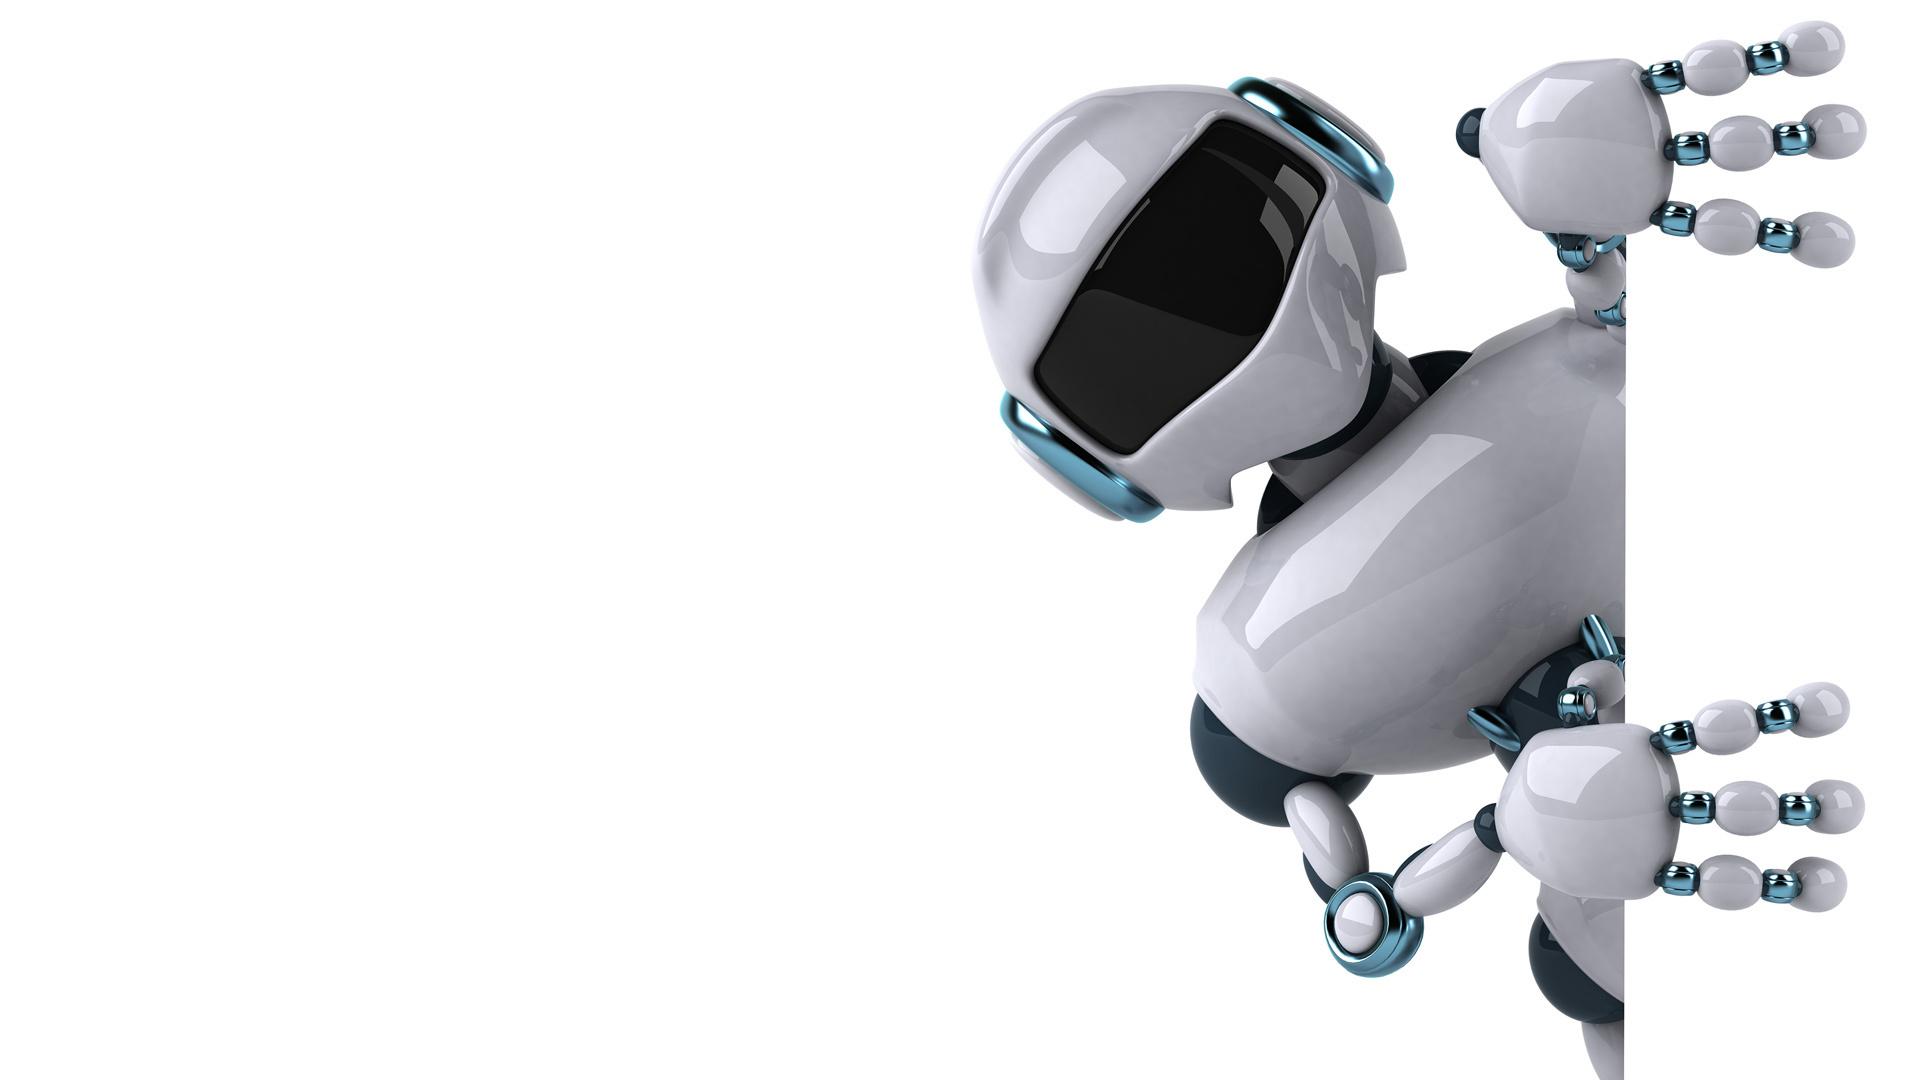 Best 3D Robot Wallpaper For Android 4483 Wallpaper Wallpaper Screen 1920x1080